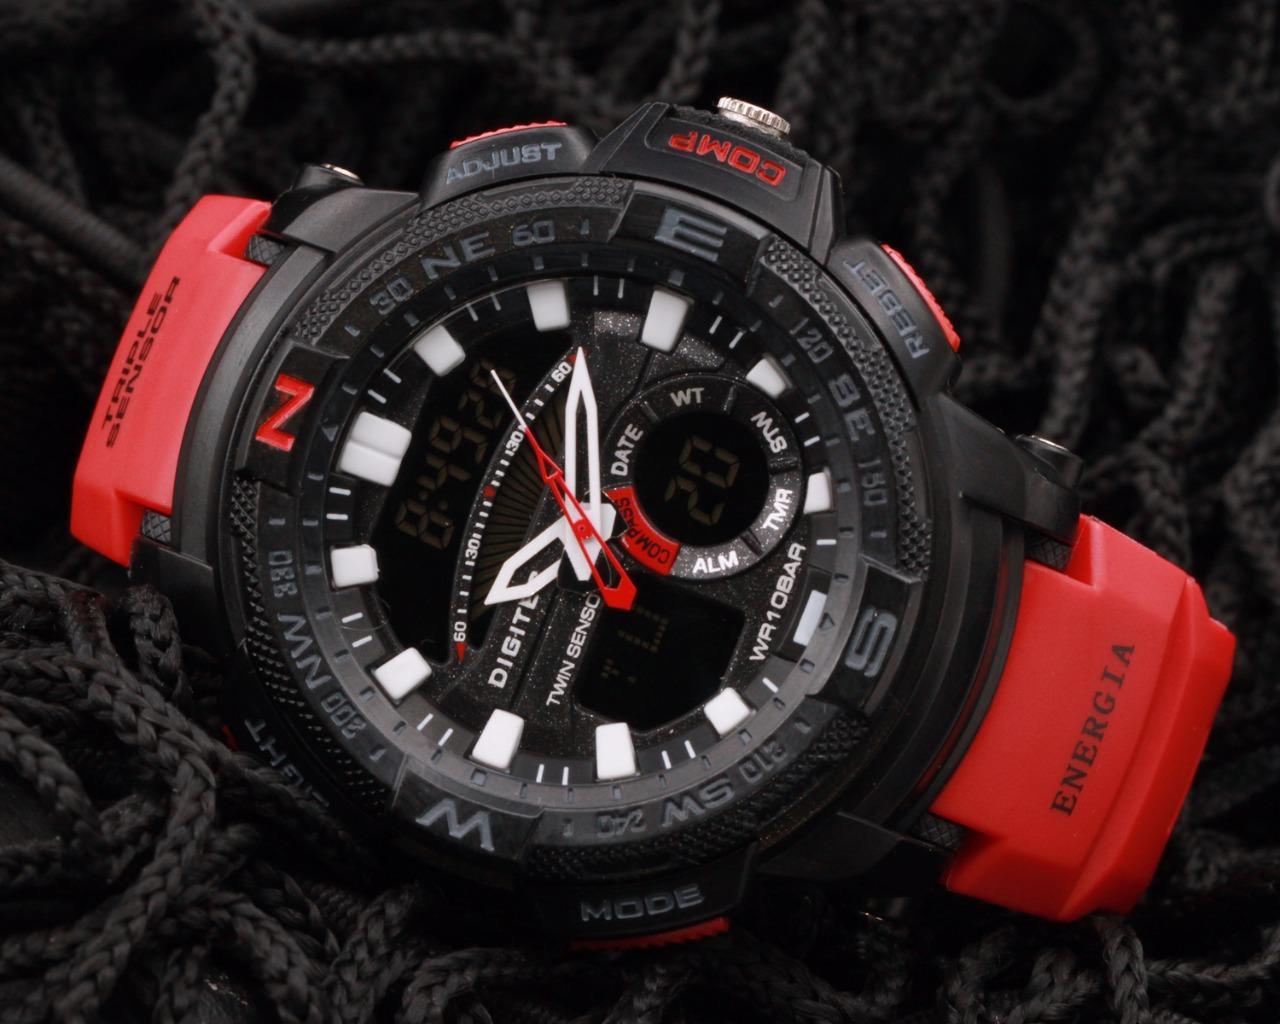 Jual Beli Jam Tangan Edireiz Original Digital Analog Digitec G Shock Sport Couple Black Grey Dual Time Dg2083